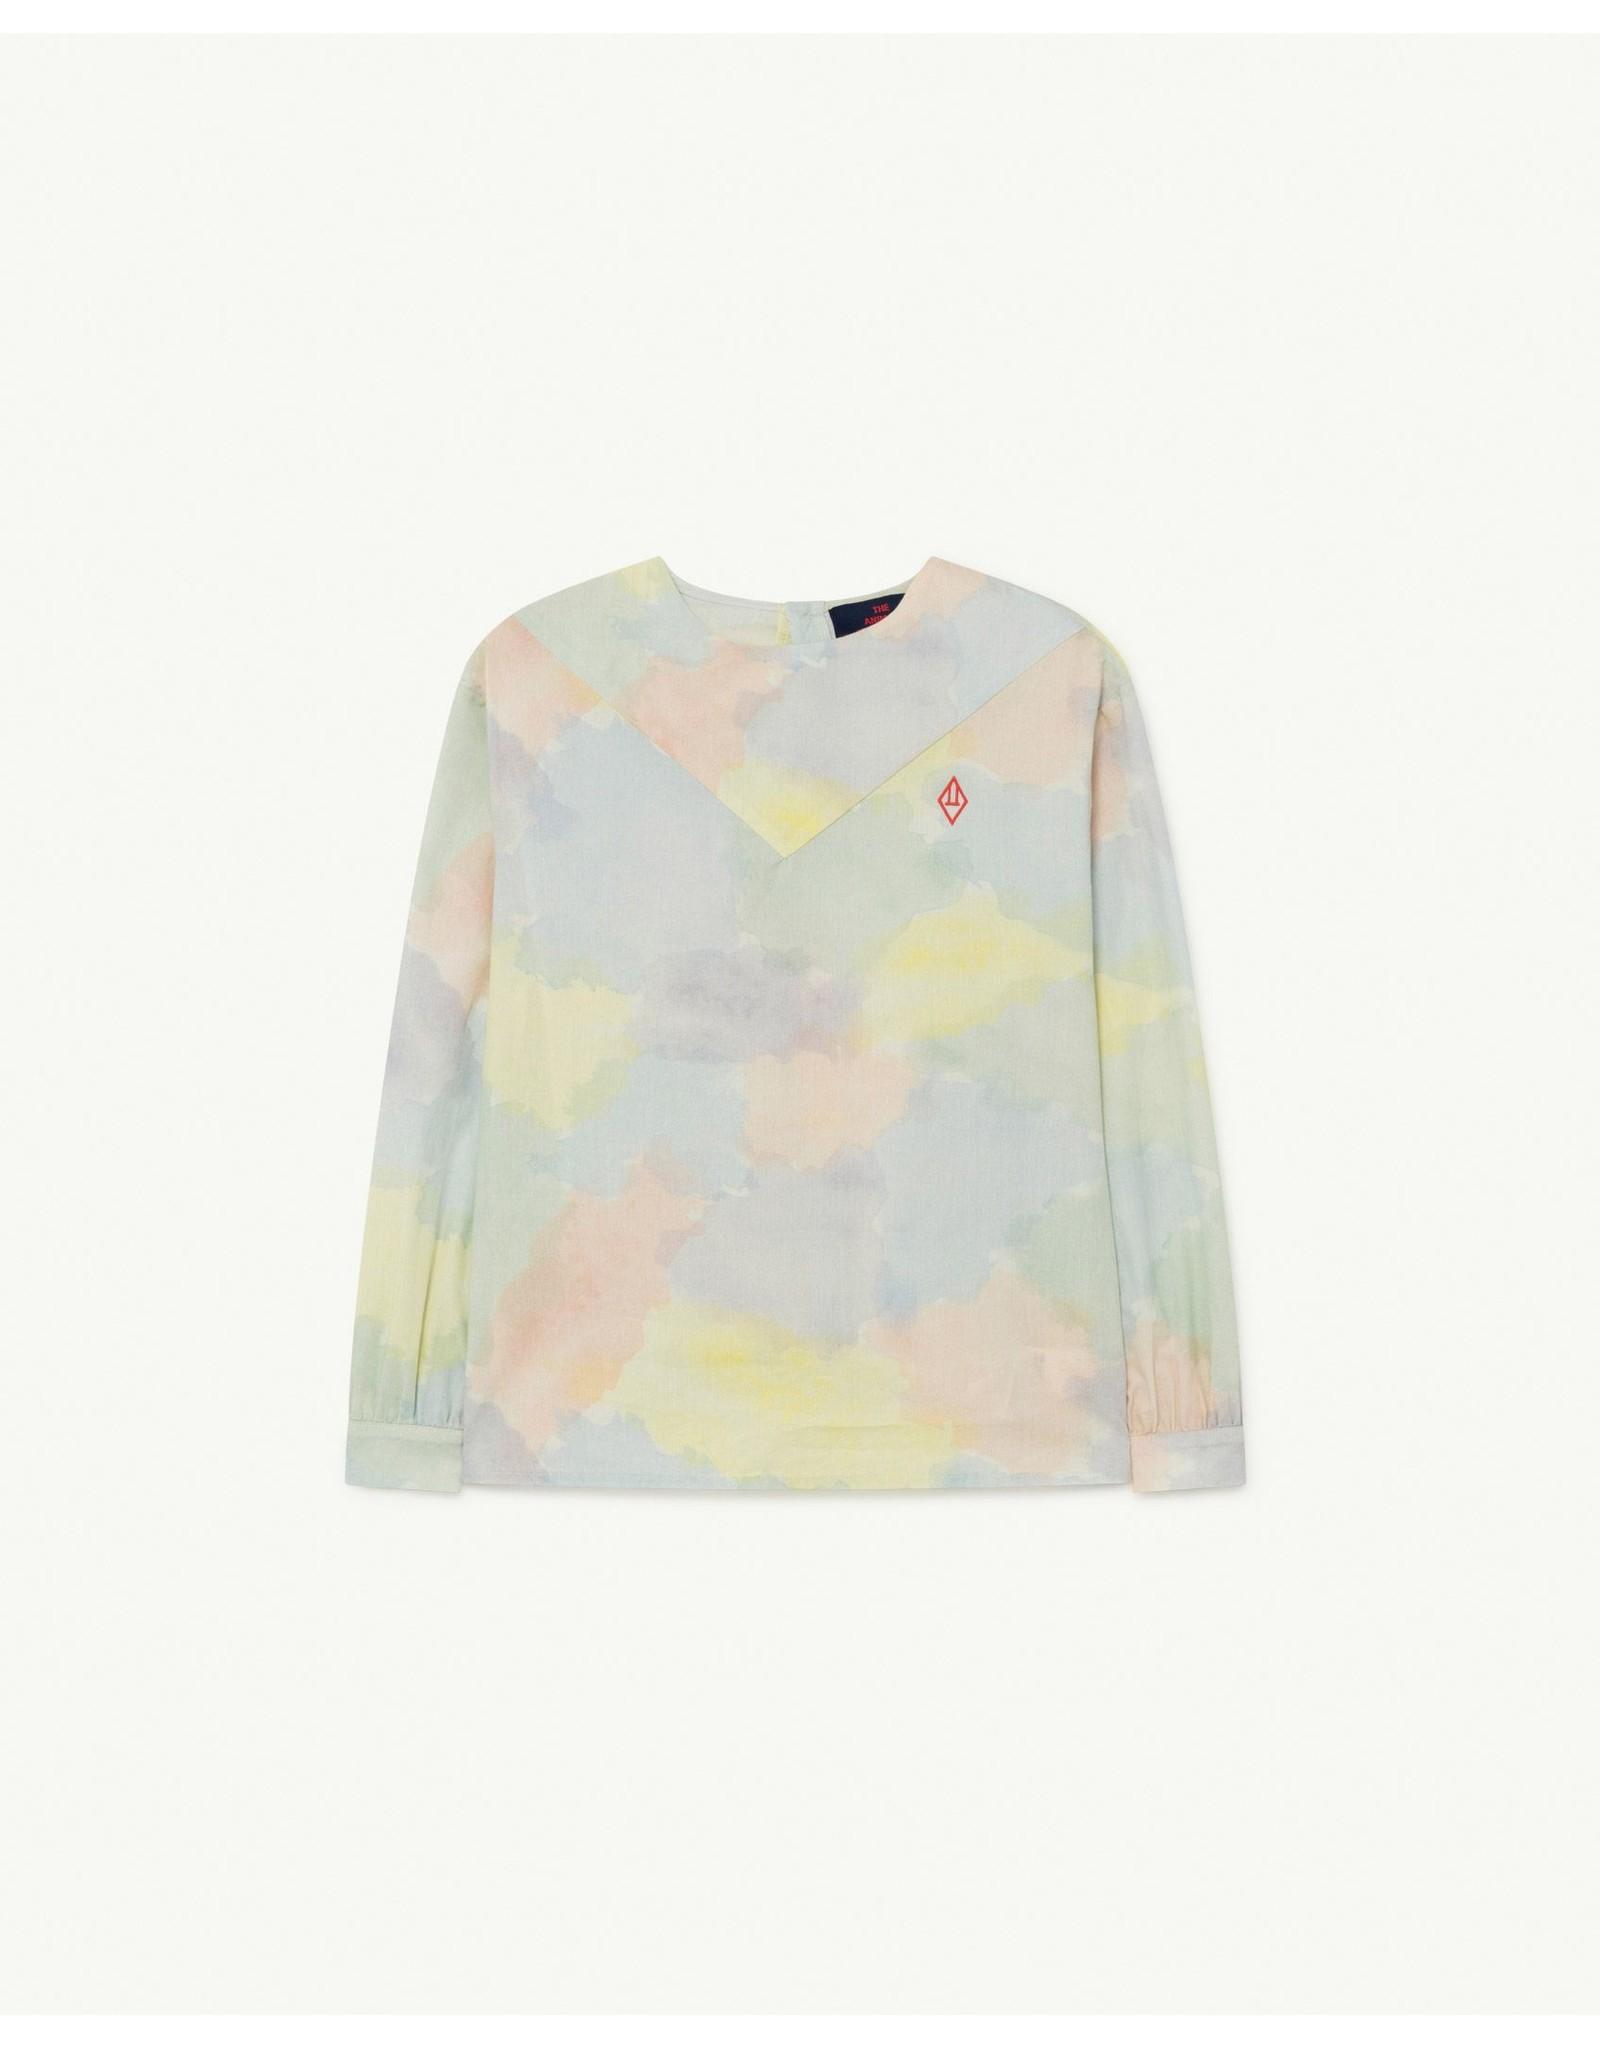 TAO SS21148 Marmot blouse multicolor